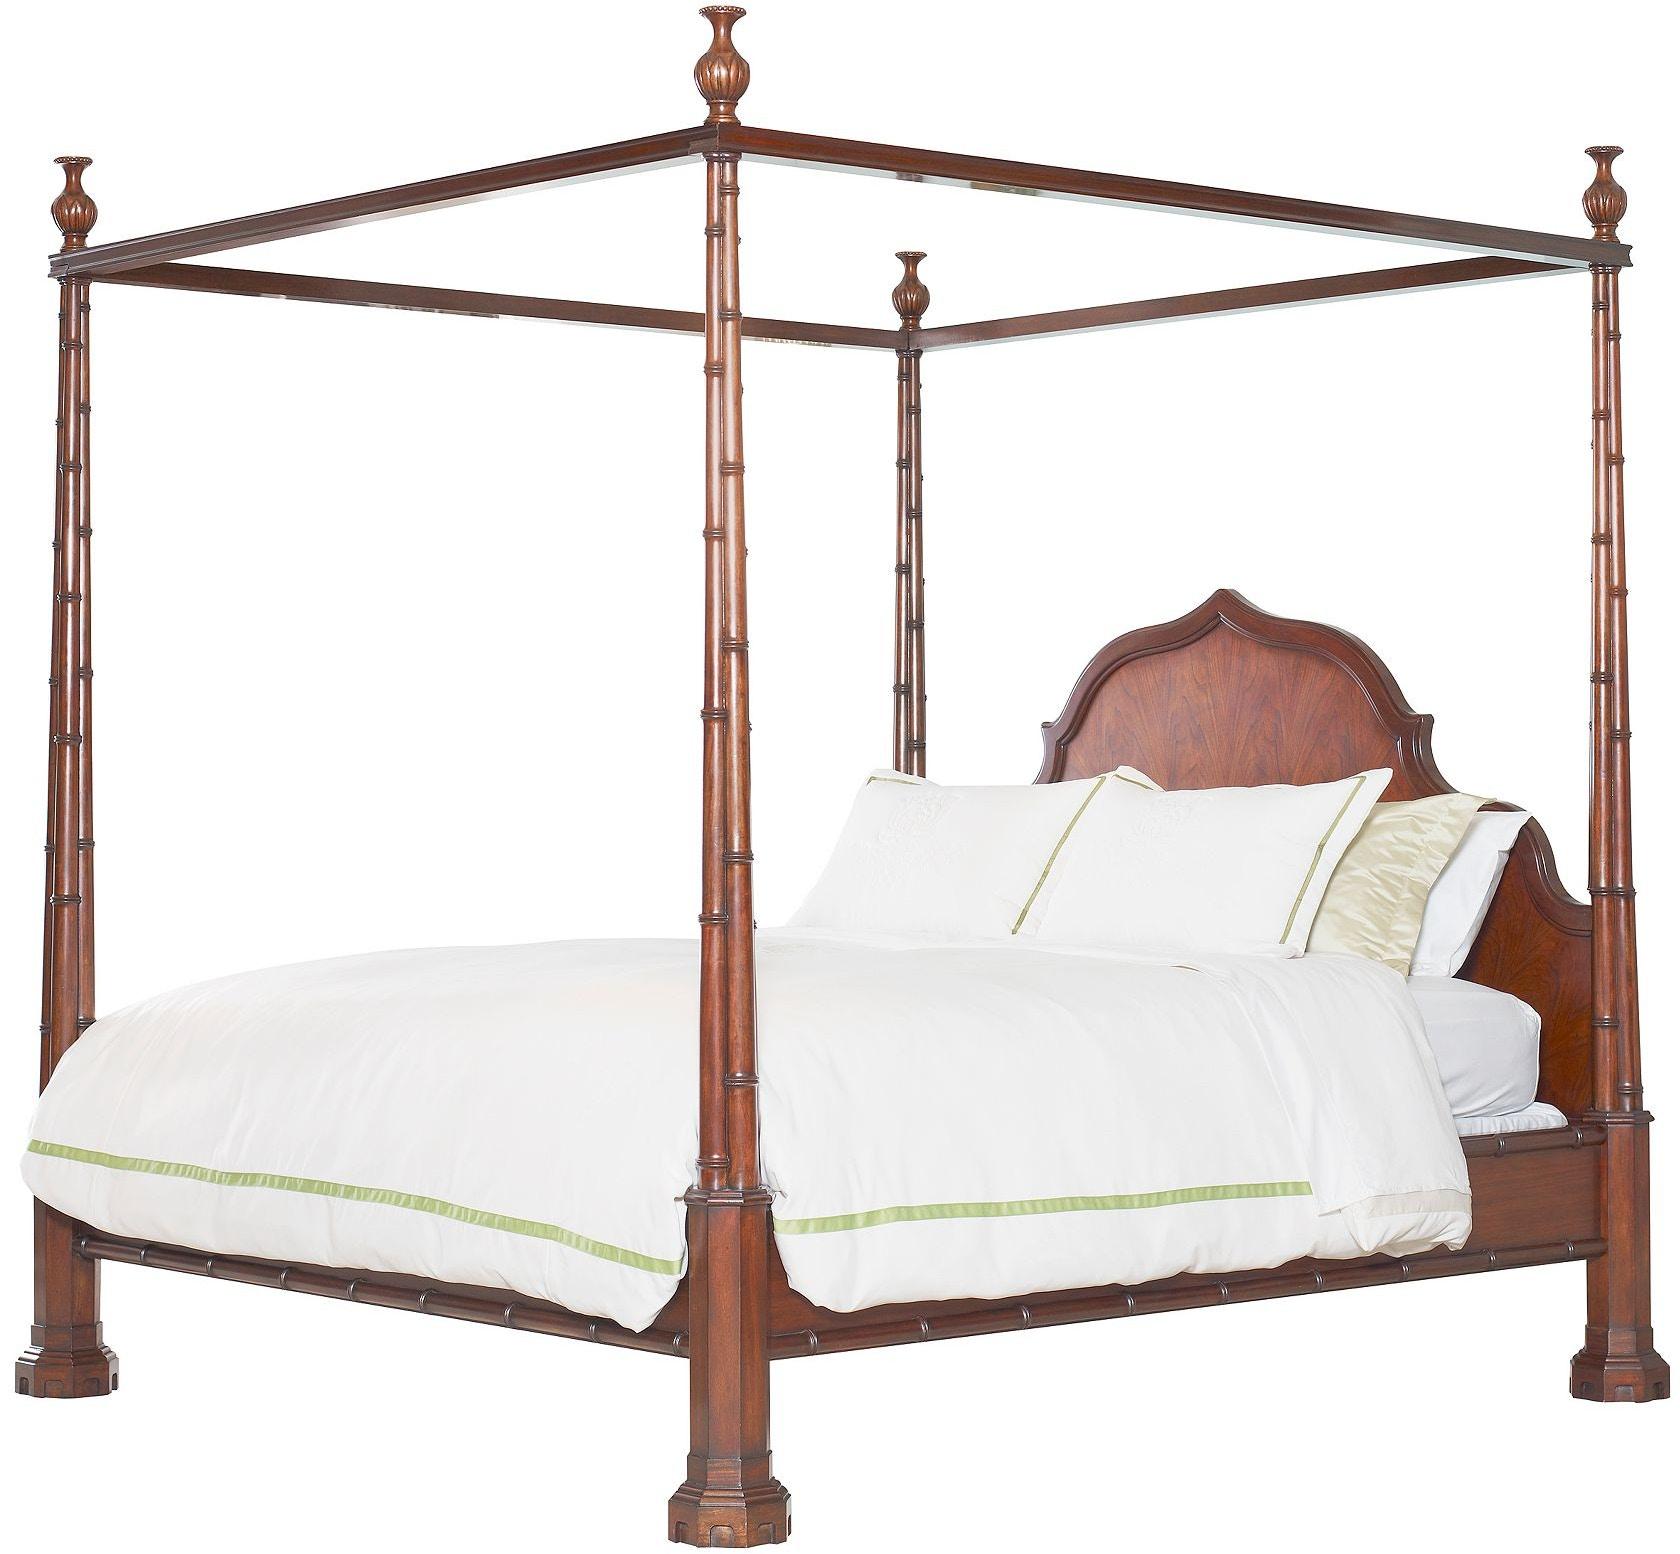 henredon furniture celerie kemble for henredon maddock bed 66 king 8200 - Celerie Kemble Furniture